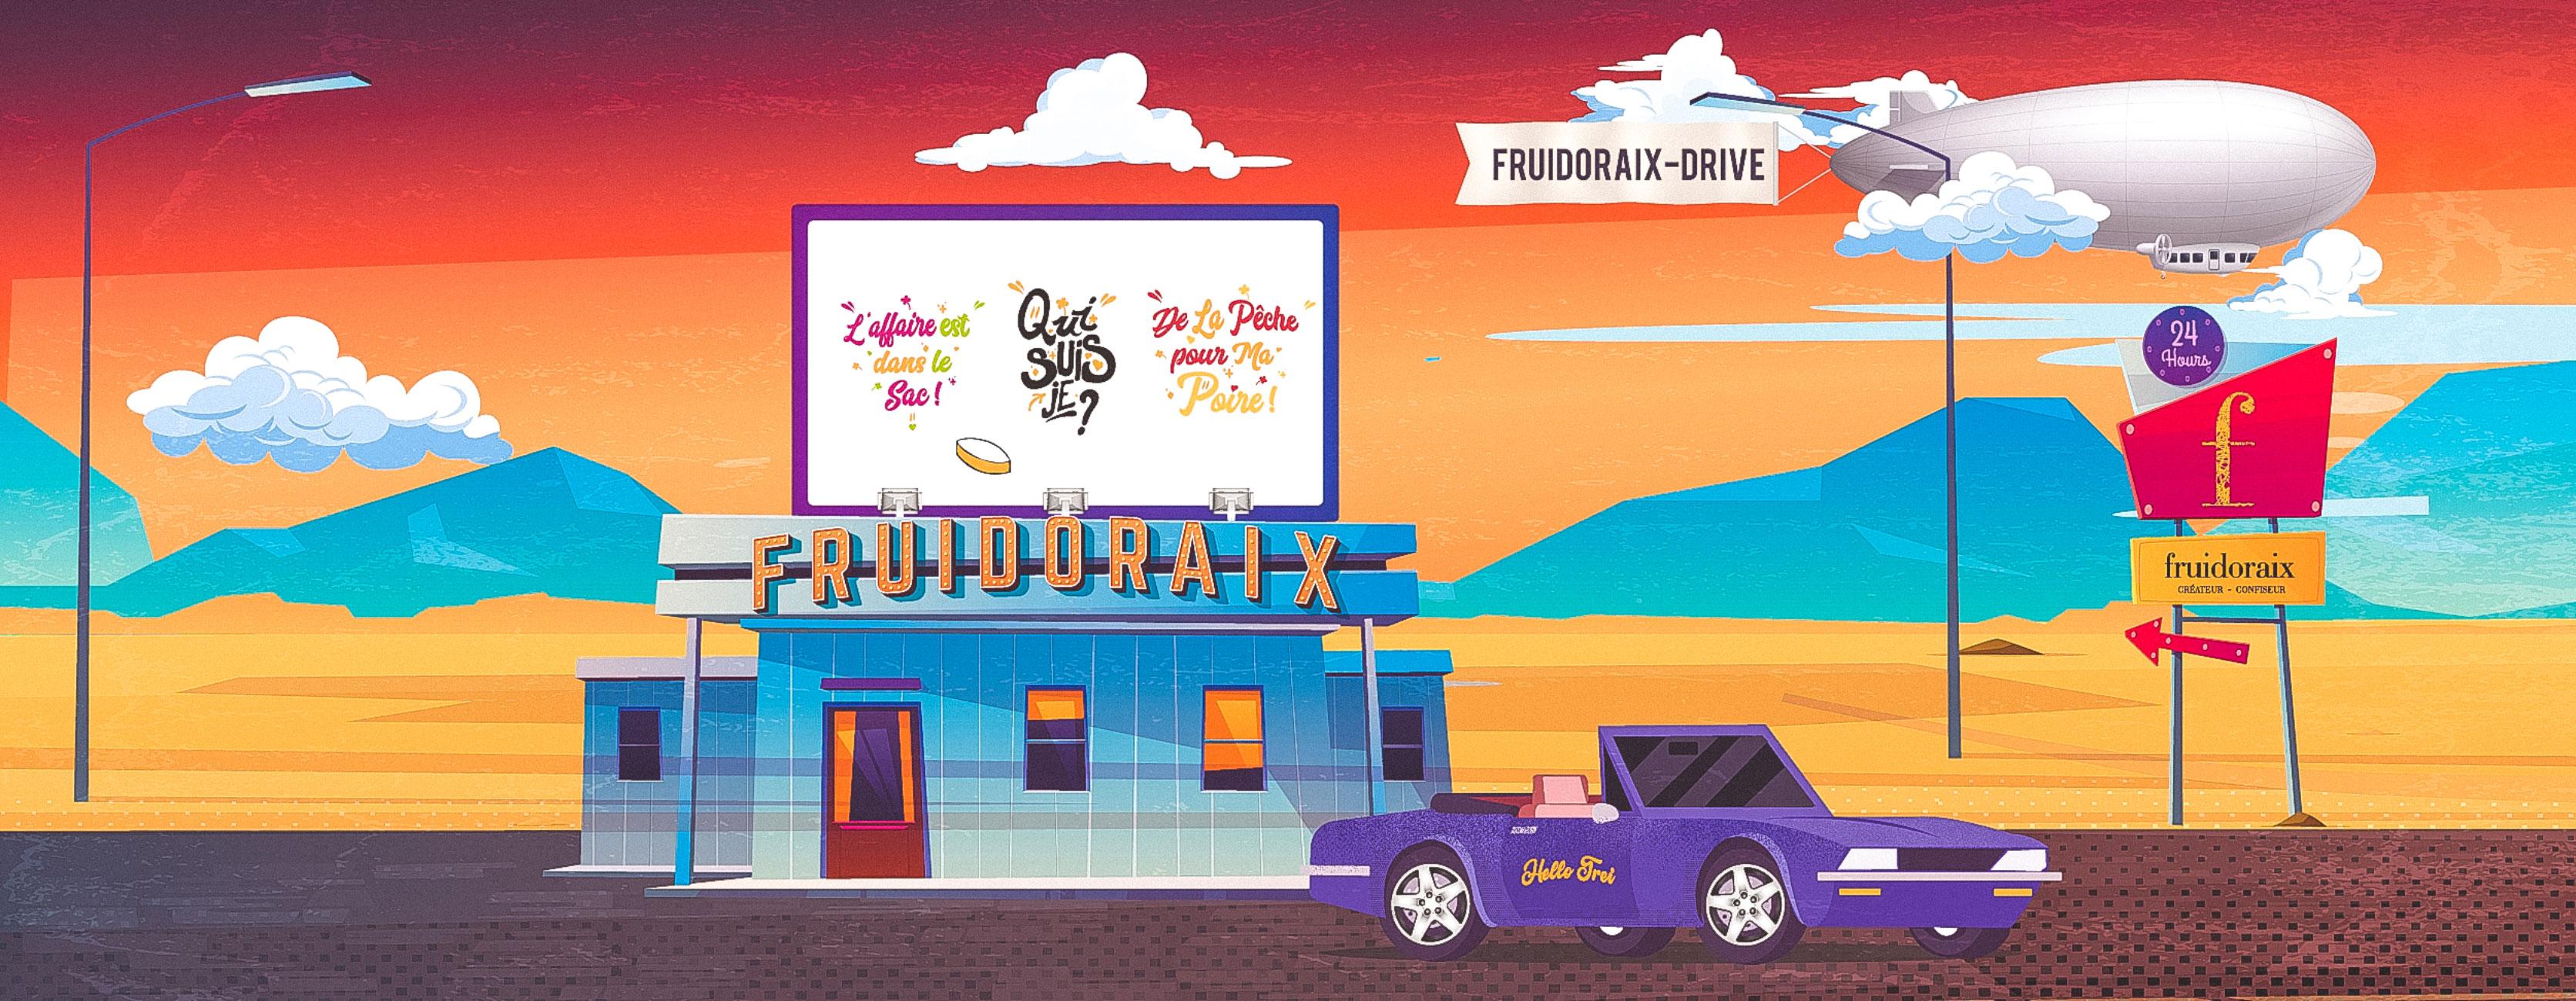 Calissons D'aix en Provence // Fruidoraix drive